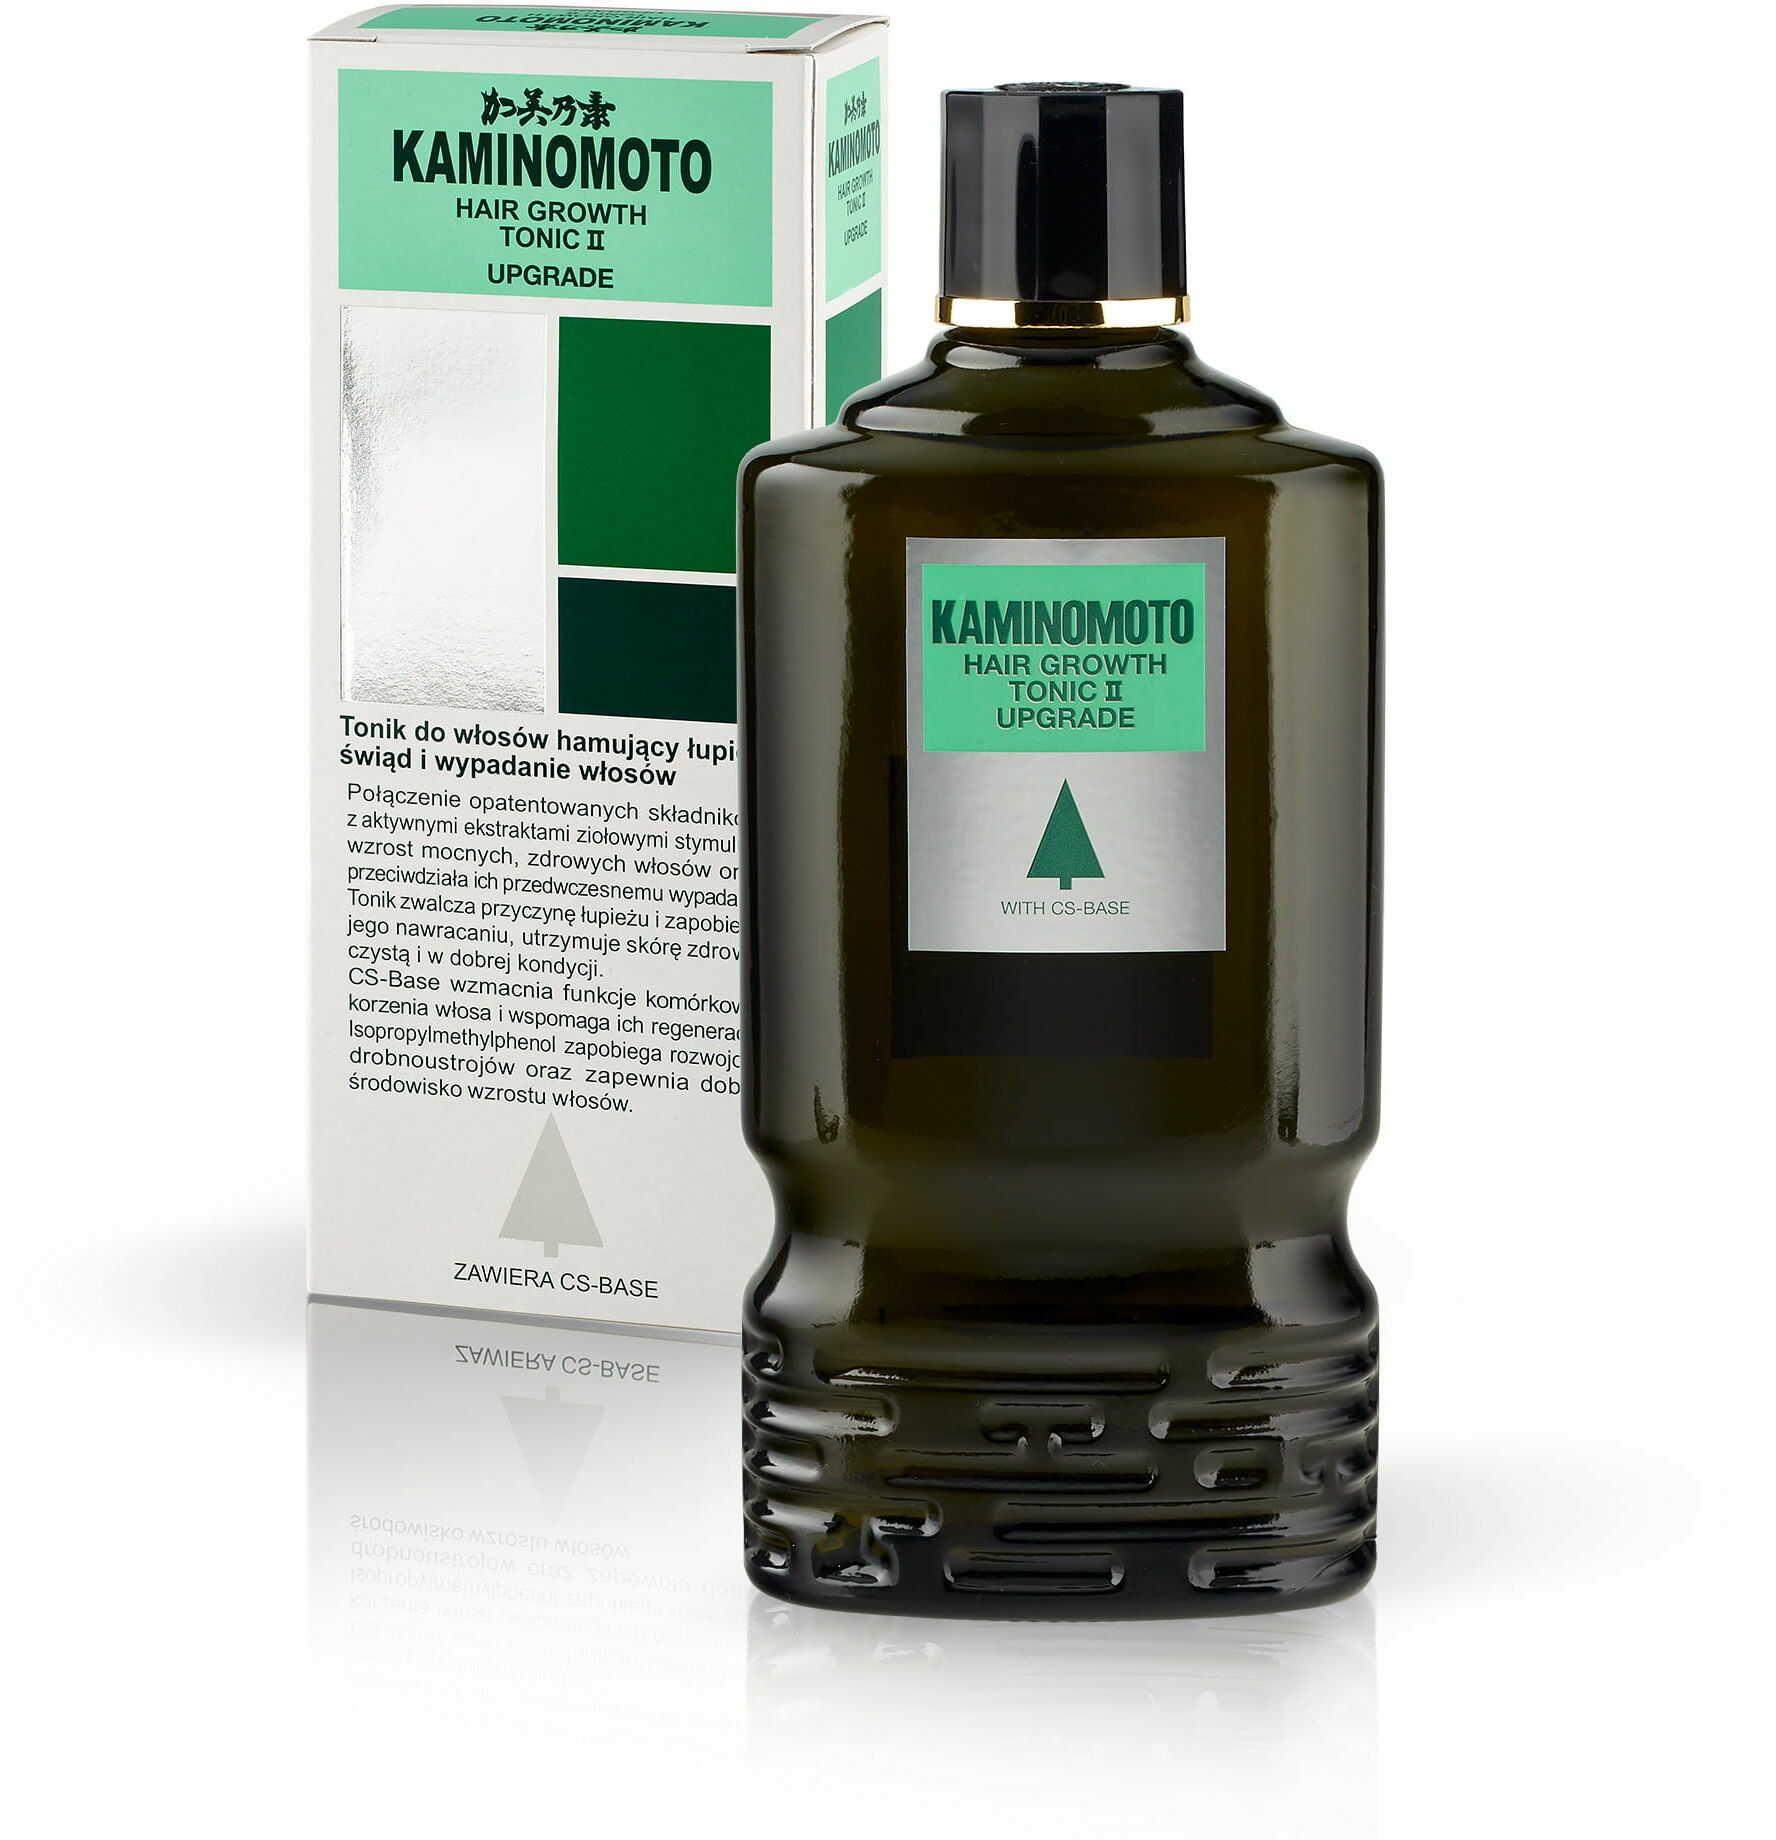 Kaminomoto Hair Growth Tonic II upgrade - Tonik na porost włosów, hamujący łupież 180 ml